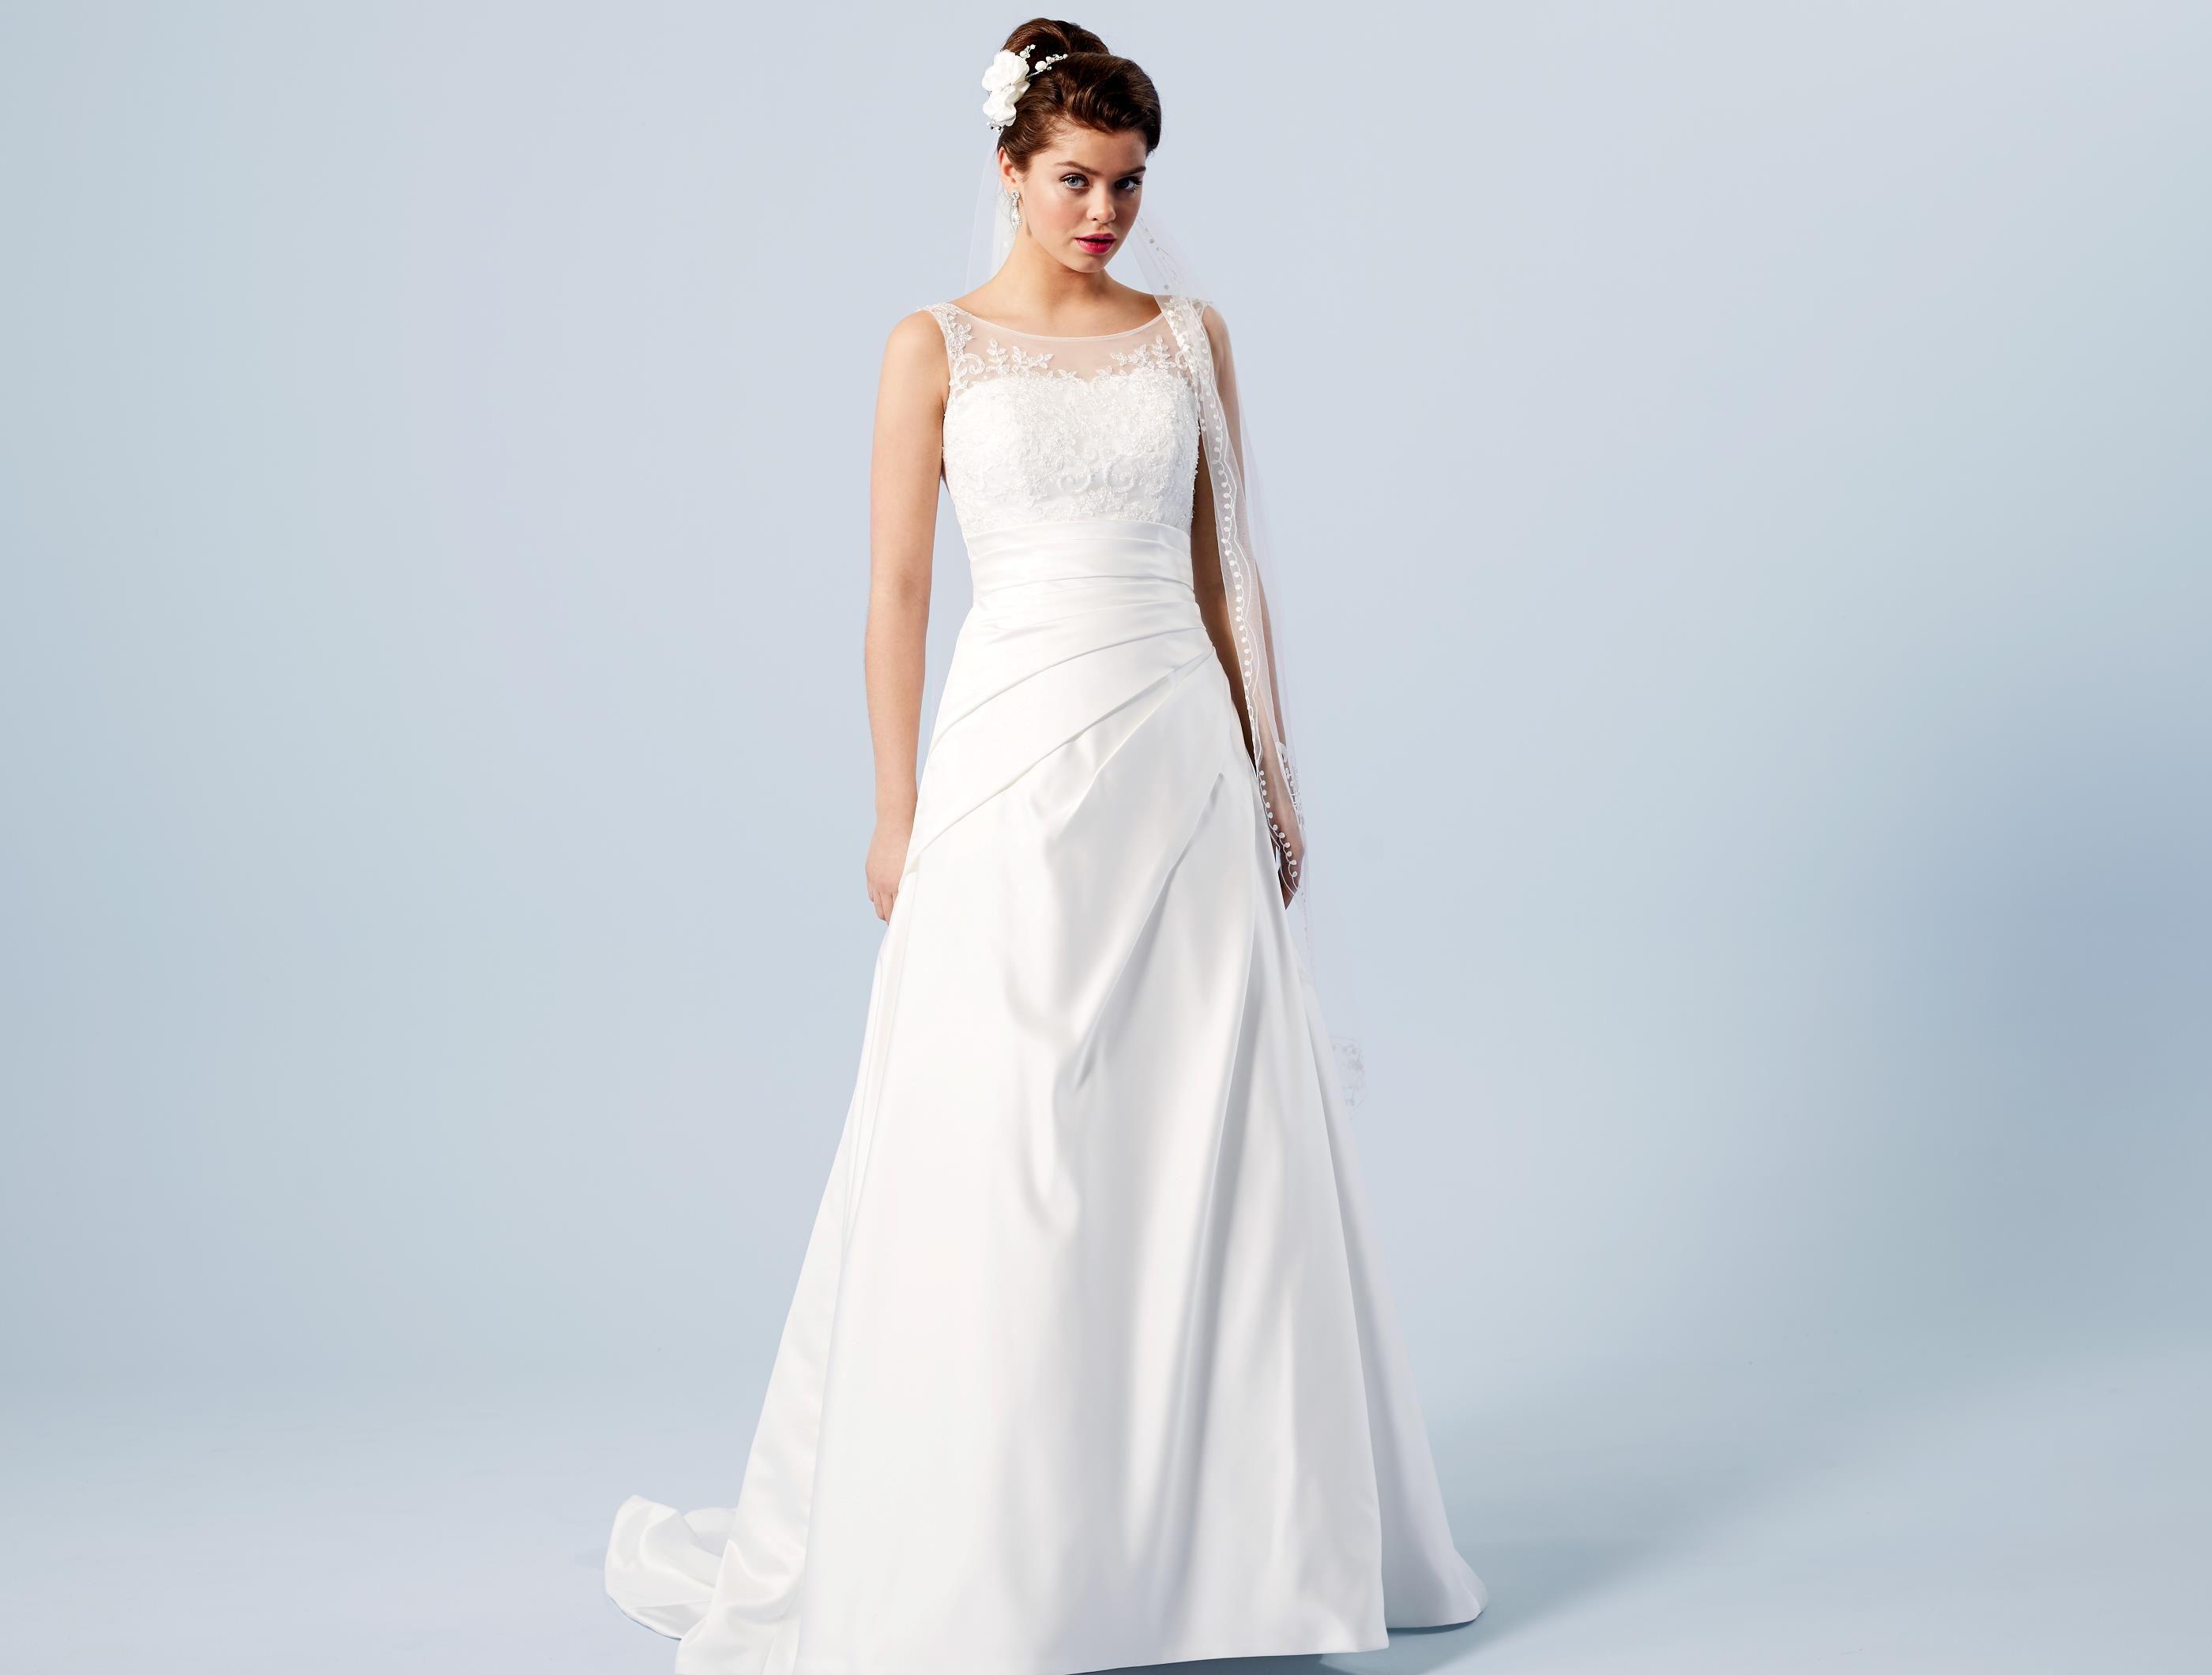 Brautkleid   Hochzeit Frisur & Kleid   Pinterest   Wedding dress and ...